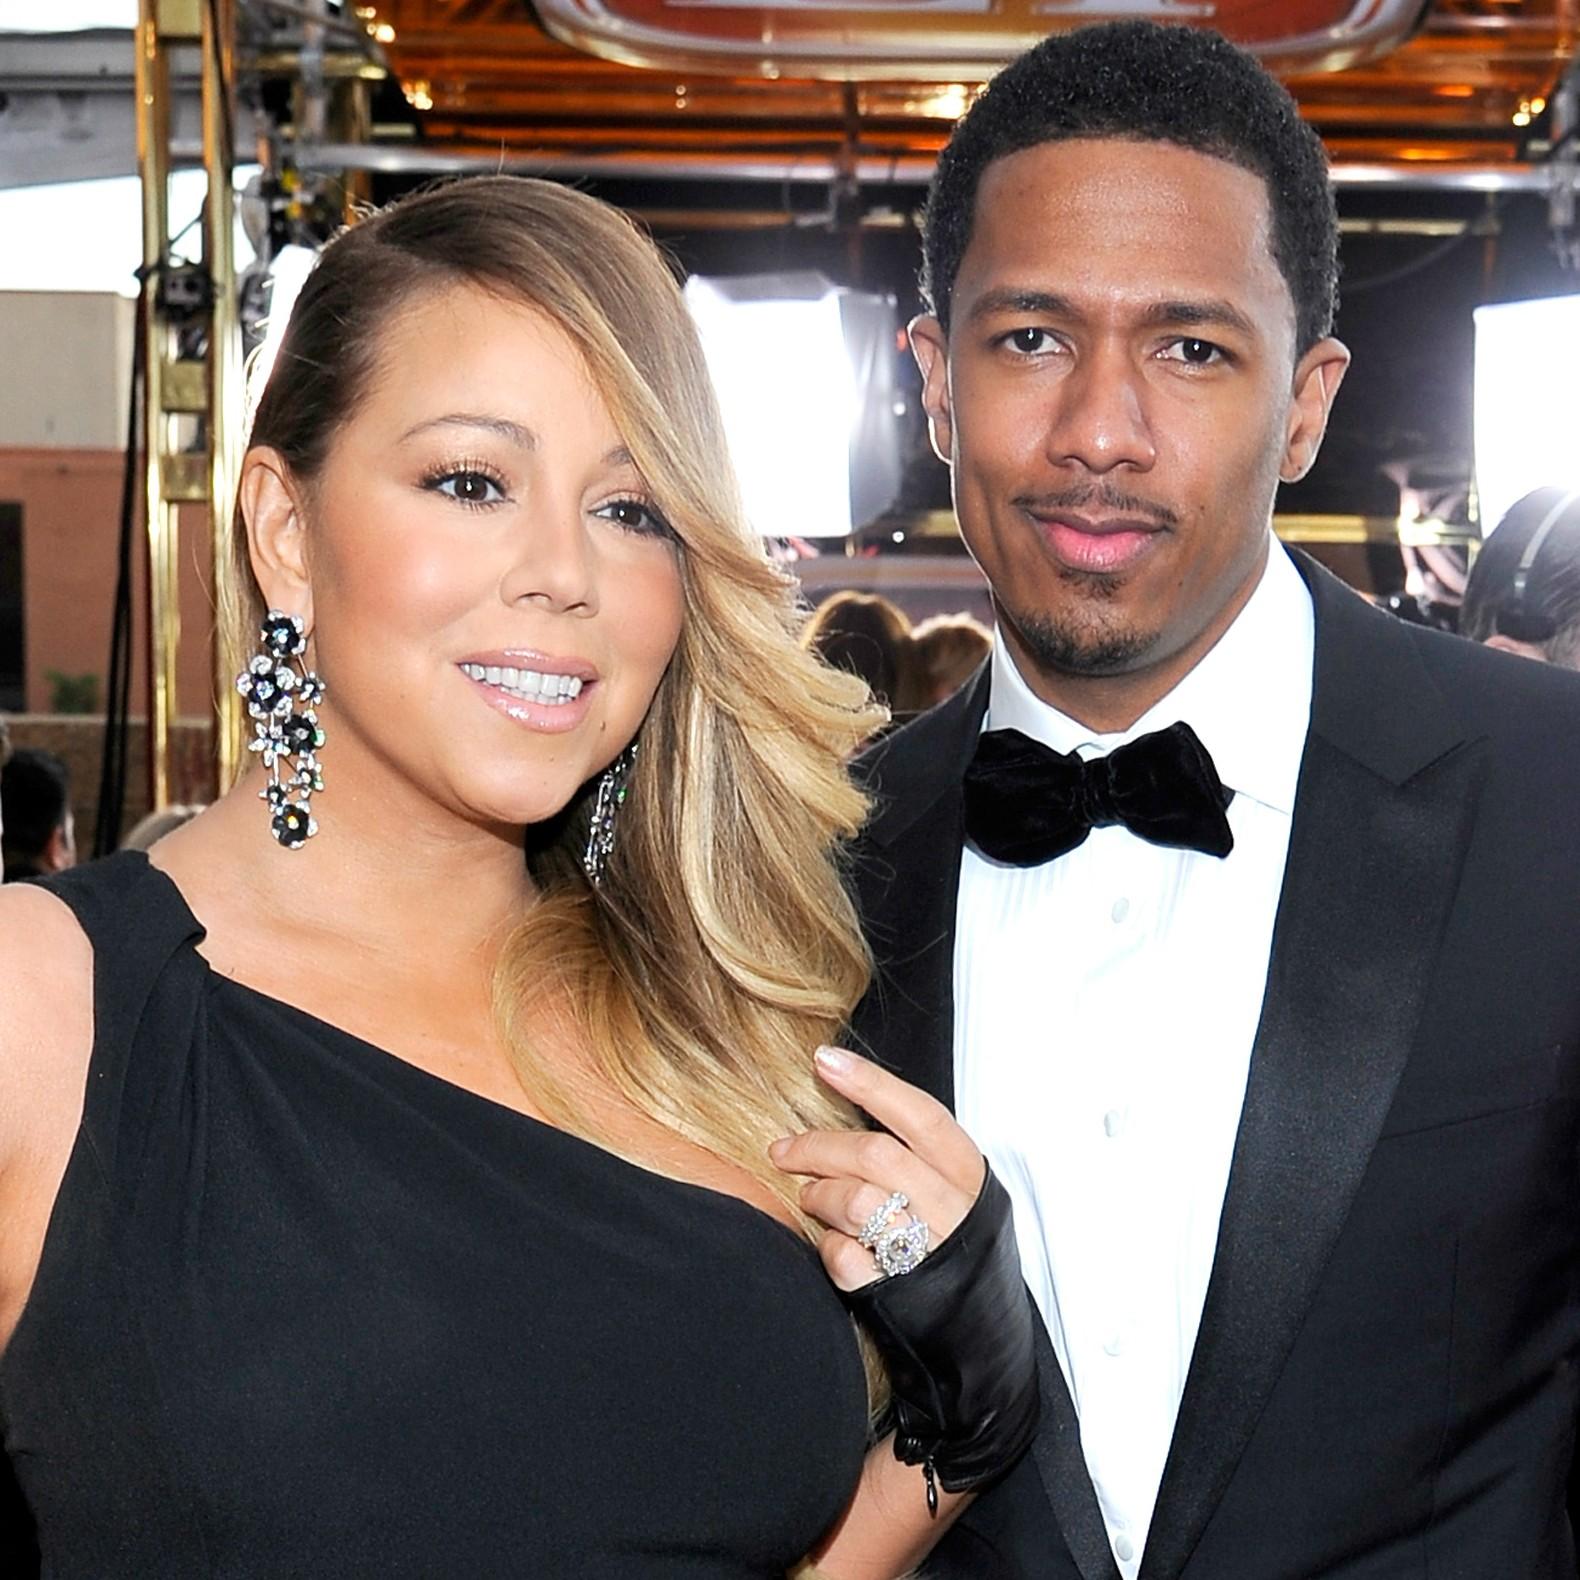 Mariah Carey se casou em 2008 com o rapper e proudtor Nick Cannon. Eles haviam namorado apenas por seis semanas antes da cerimônia. E estão firmes até hoje. (Foto: Getty Images)